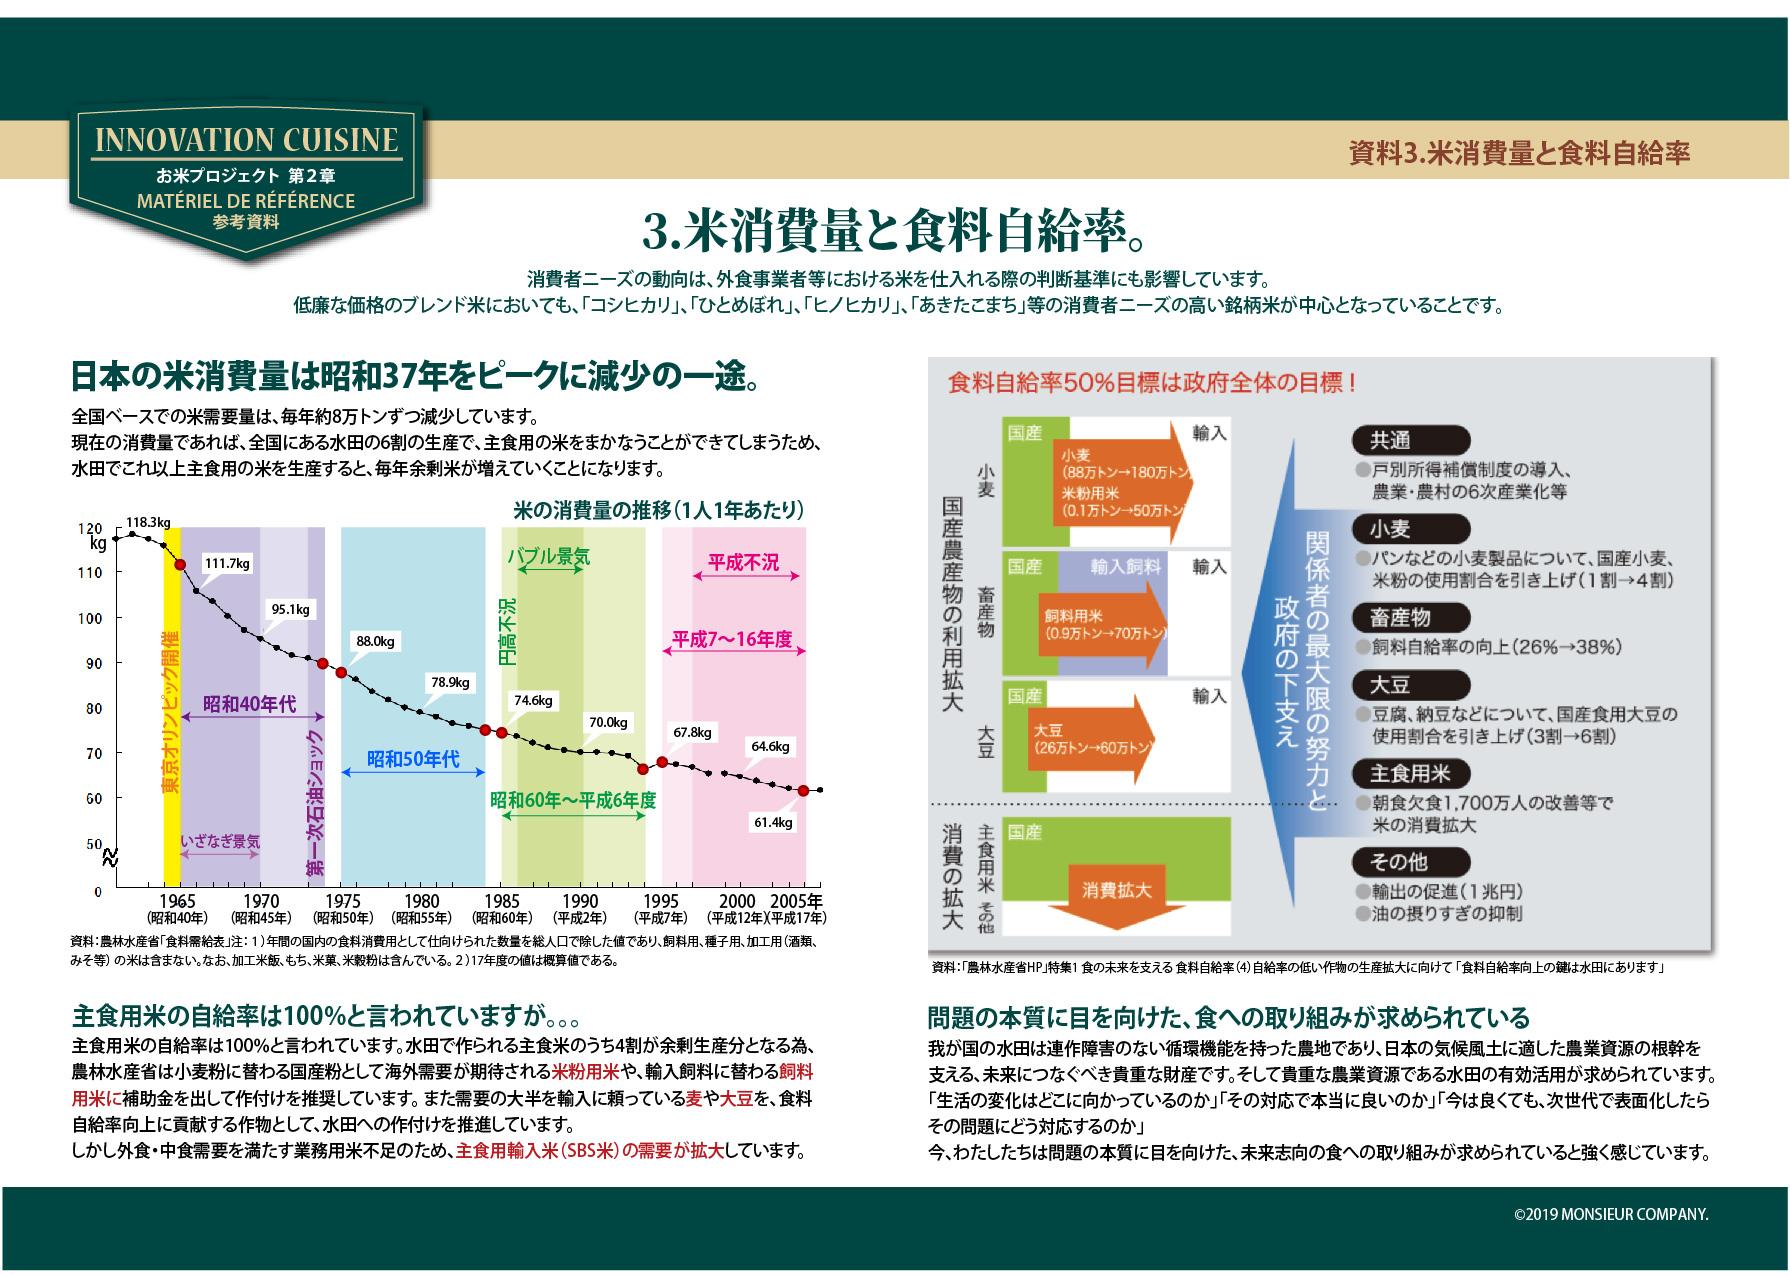 Kお米プロジェクト_12P 資料 消費量